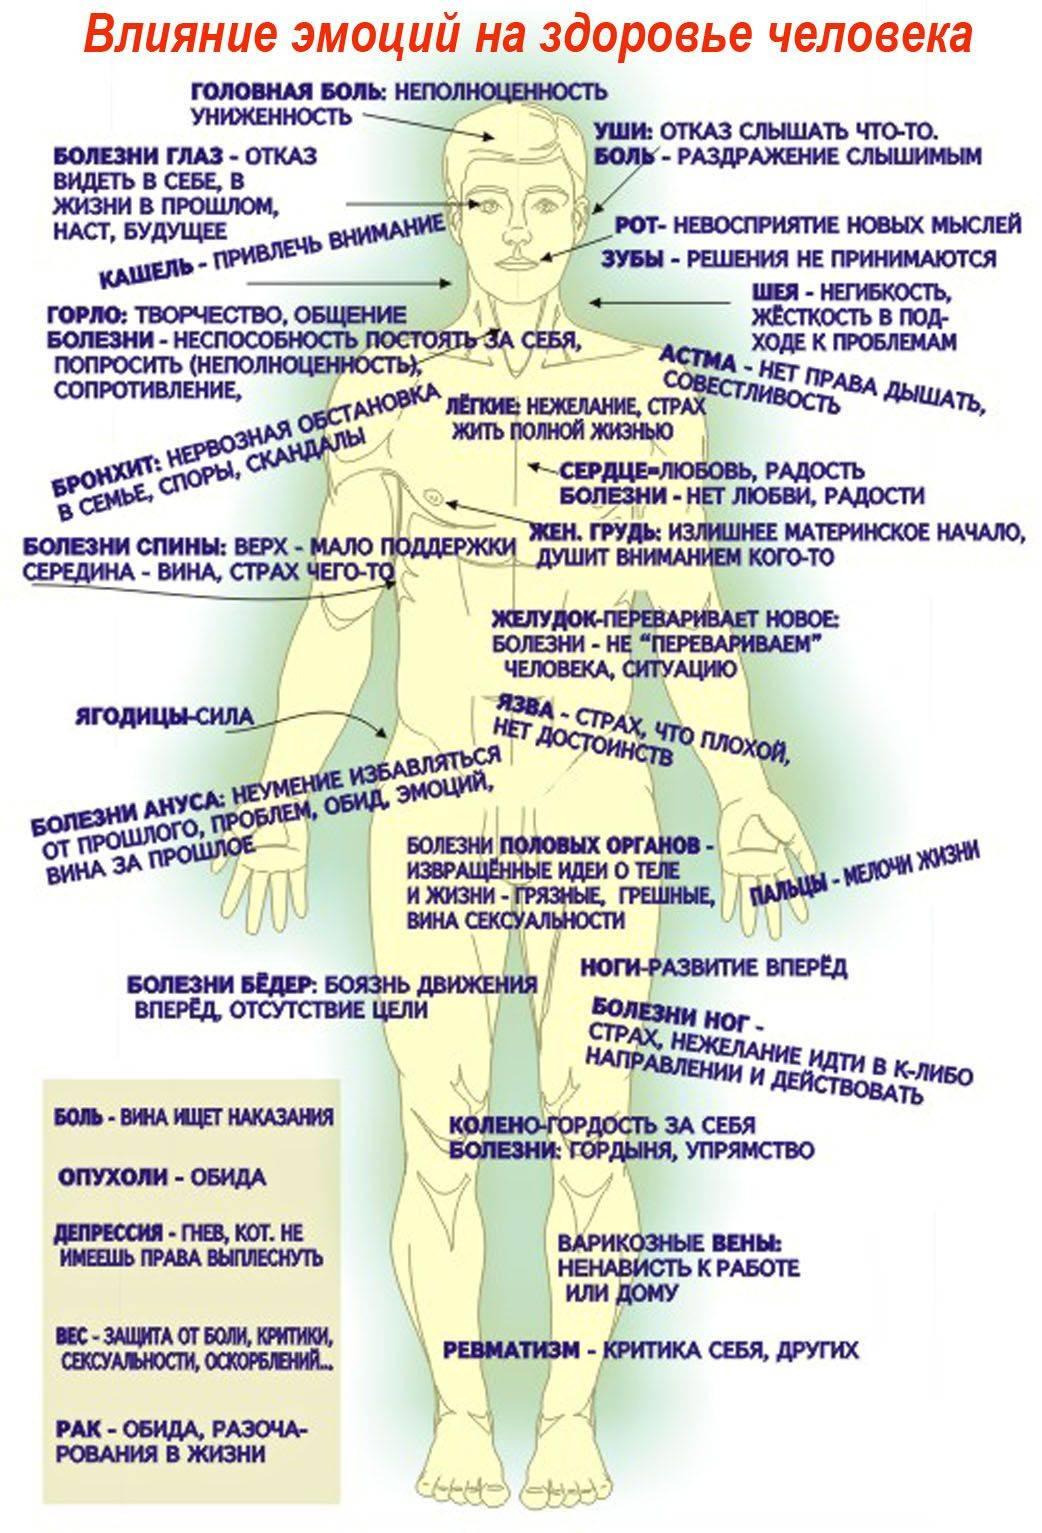 Психогенные боли | что делать, если боль психогенная ? | лечение боли и симптомы болезни на eurolab